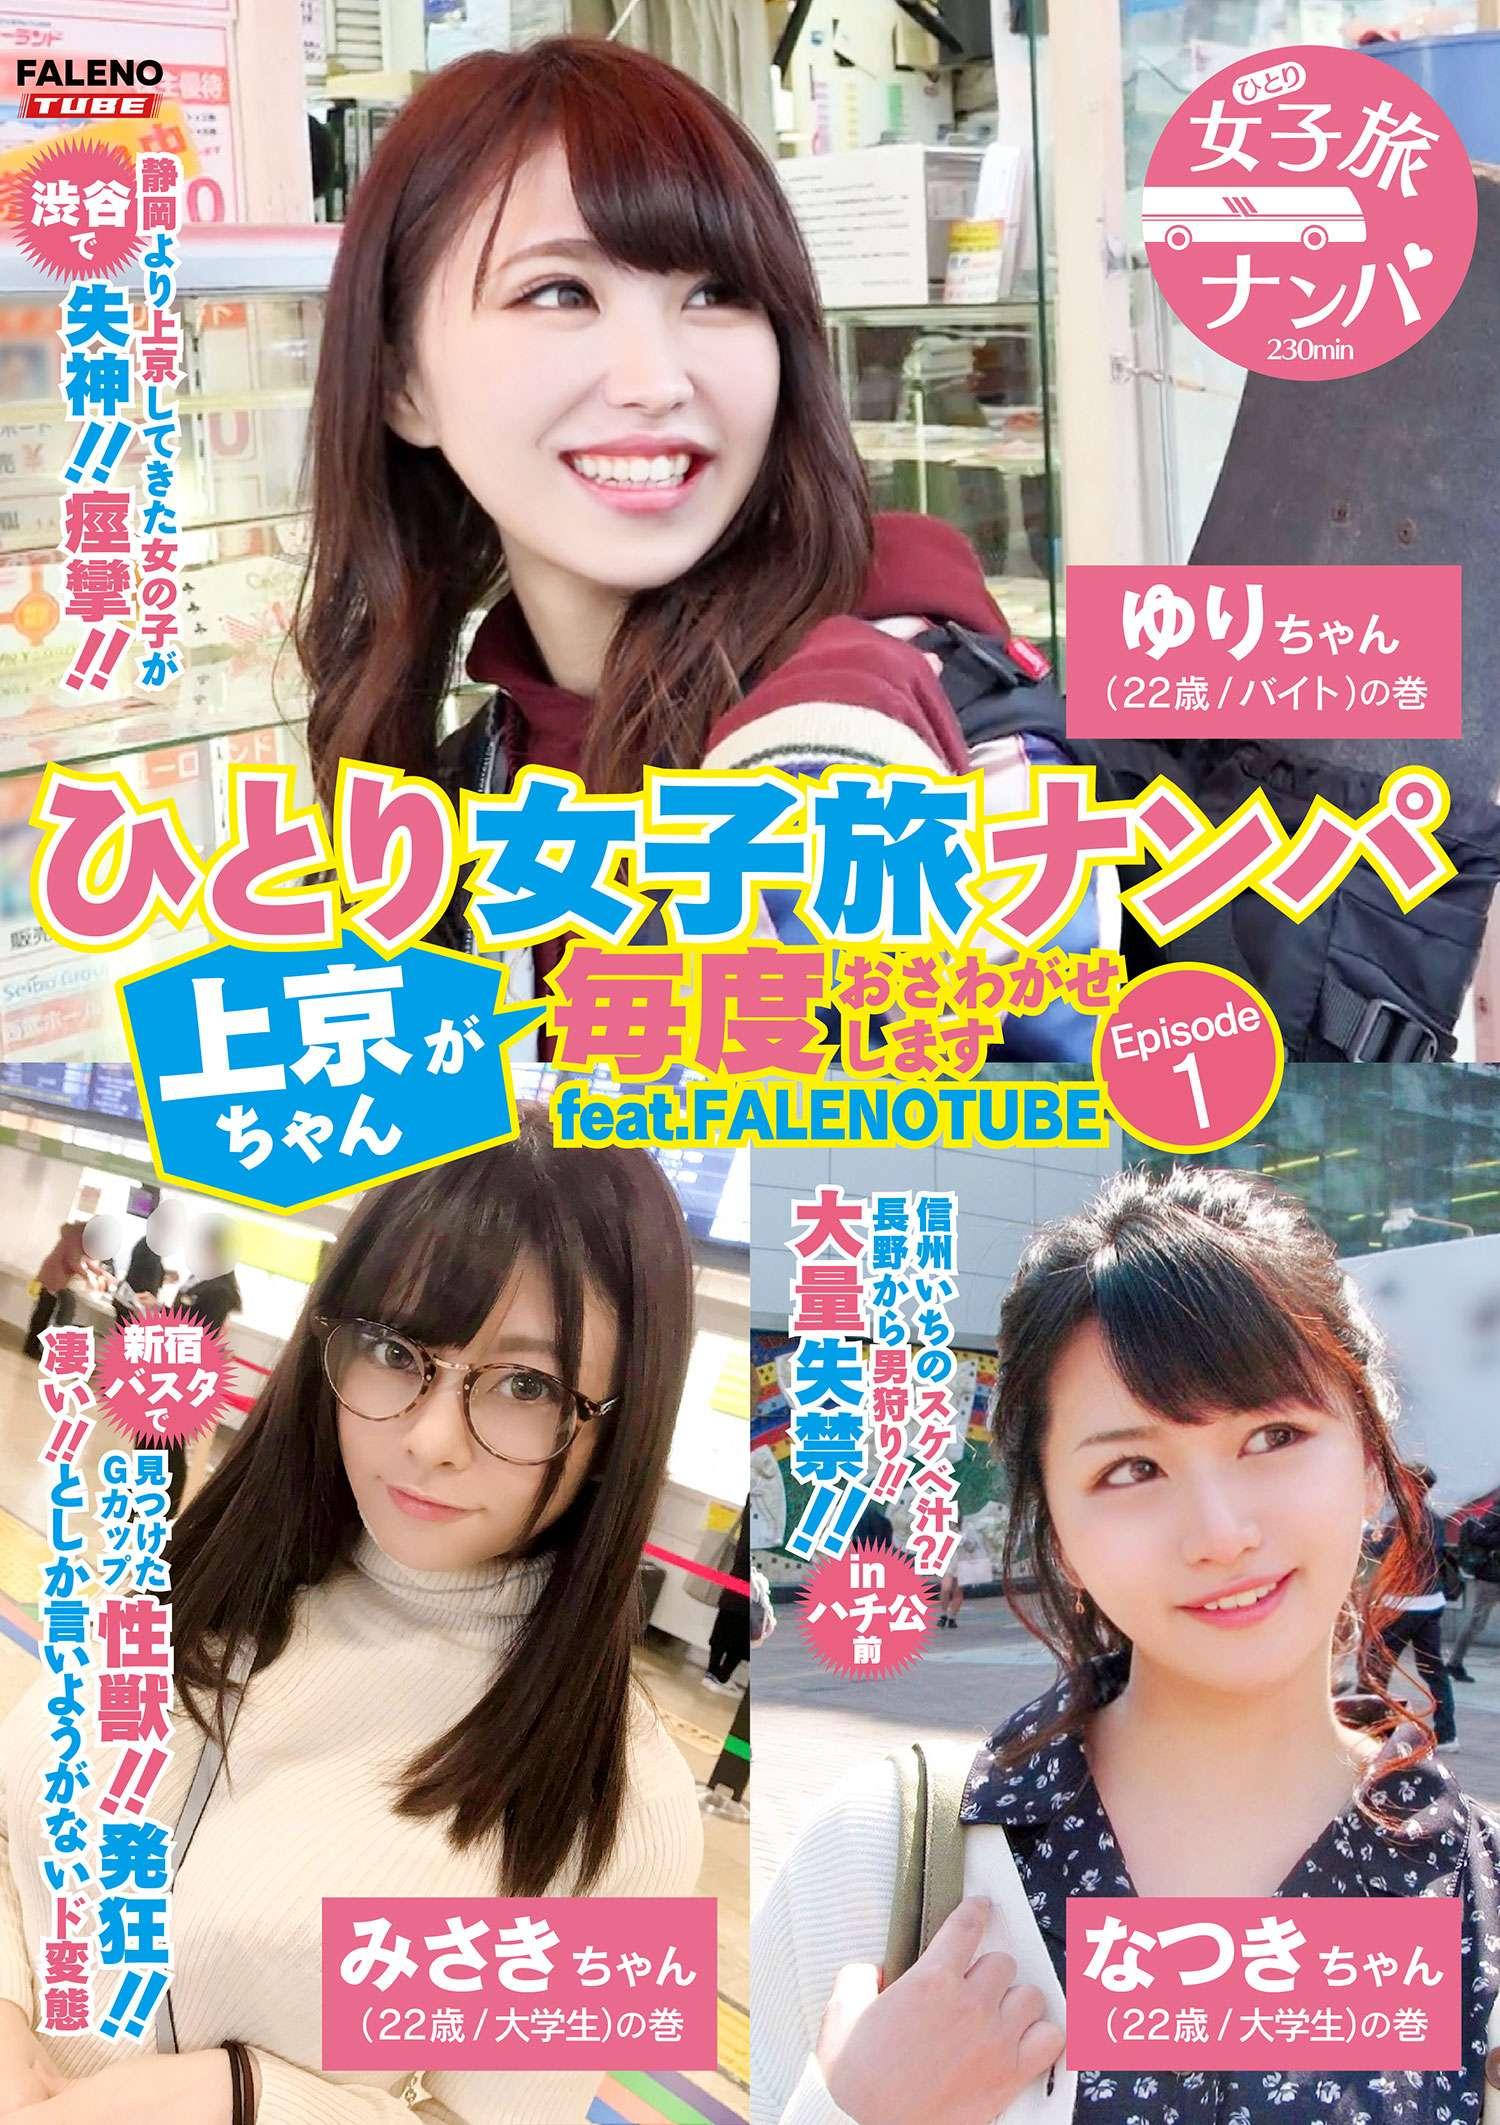 ひとり女子旅ナンパ 上京ちゃんが毎度おさわがせします Episode1 feat.FALENOTUBE